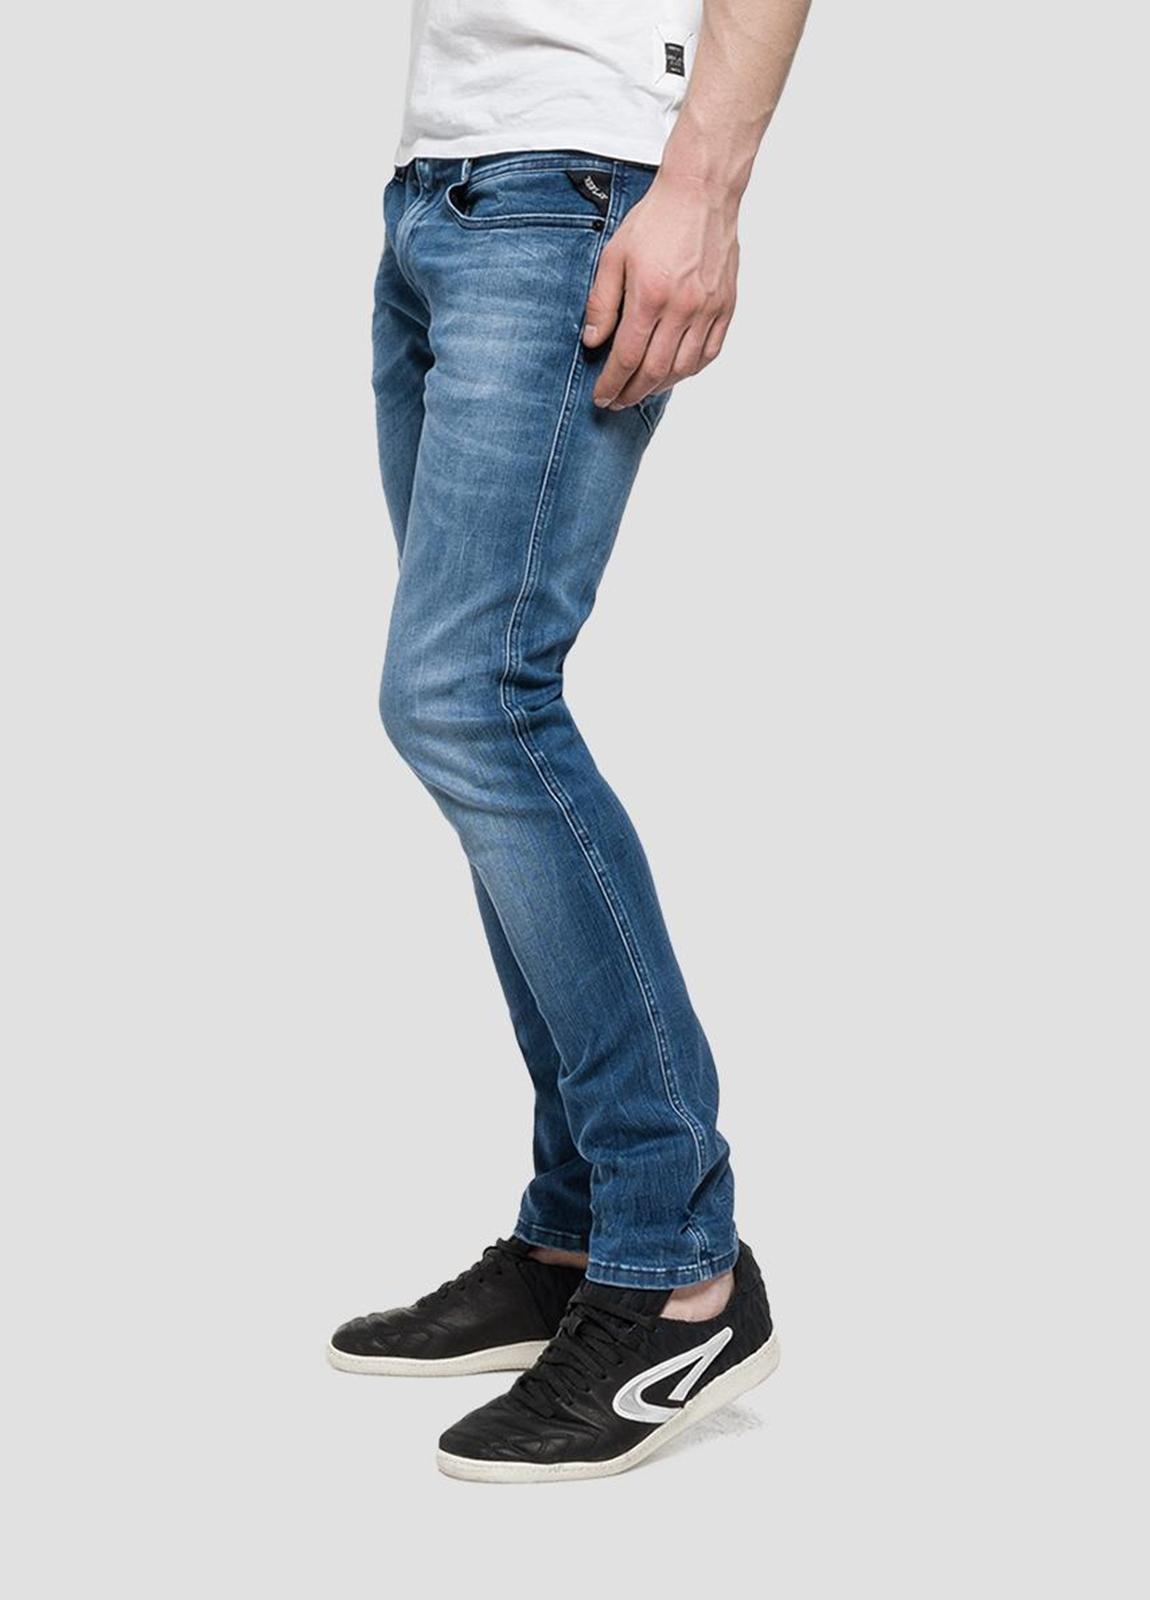 Pantalón tejano 11,5 oz SLIM 914 ANBASS color azul medio lavado. 85% Algodón 10% Poliéster 5% Elastáno. - Ítem1